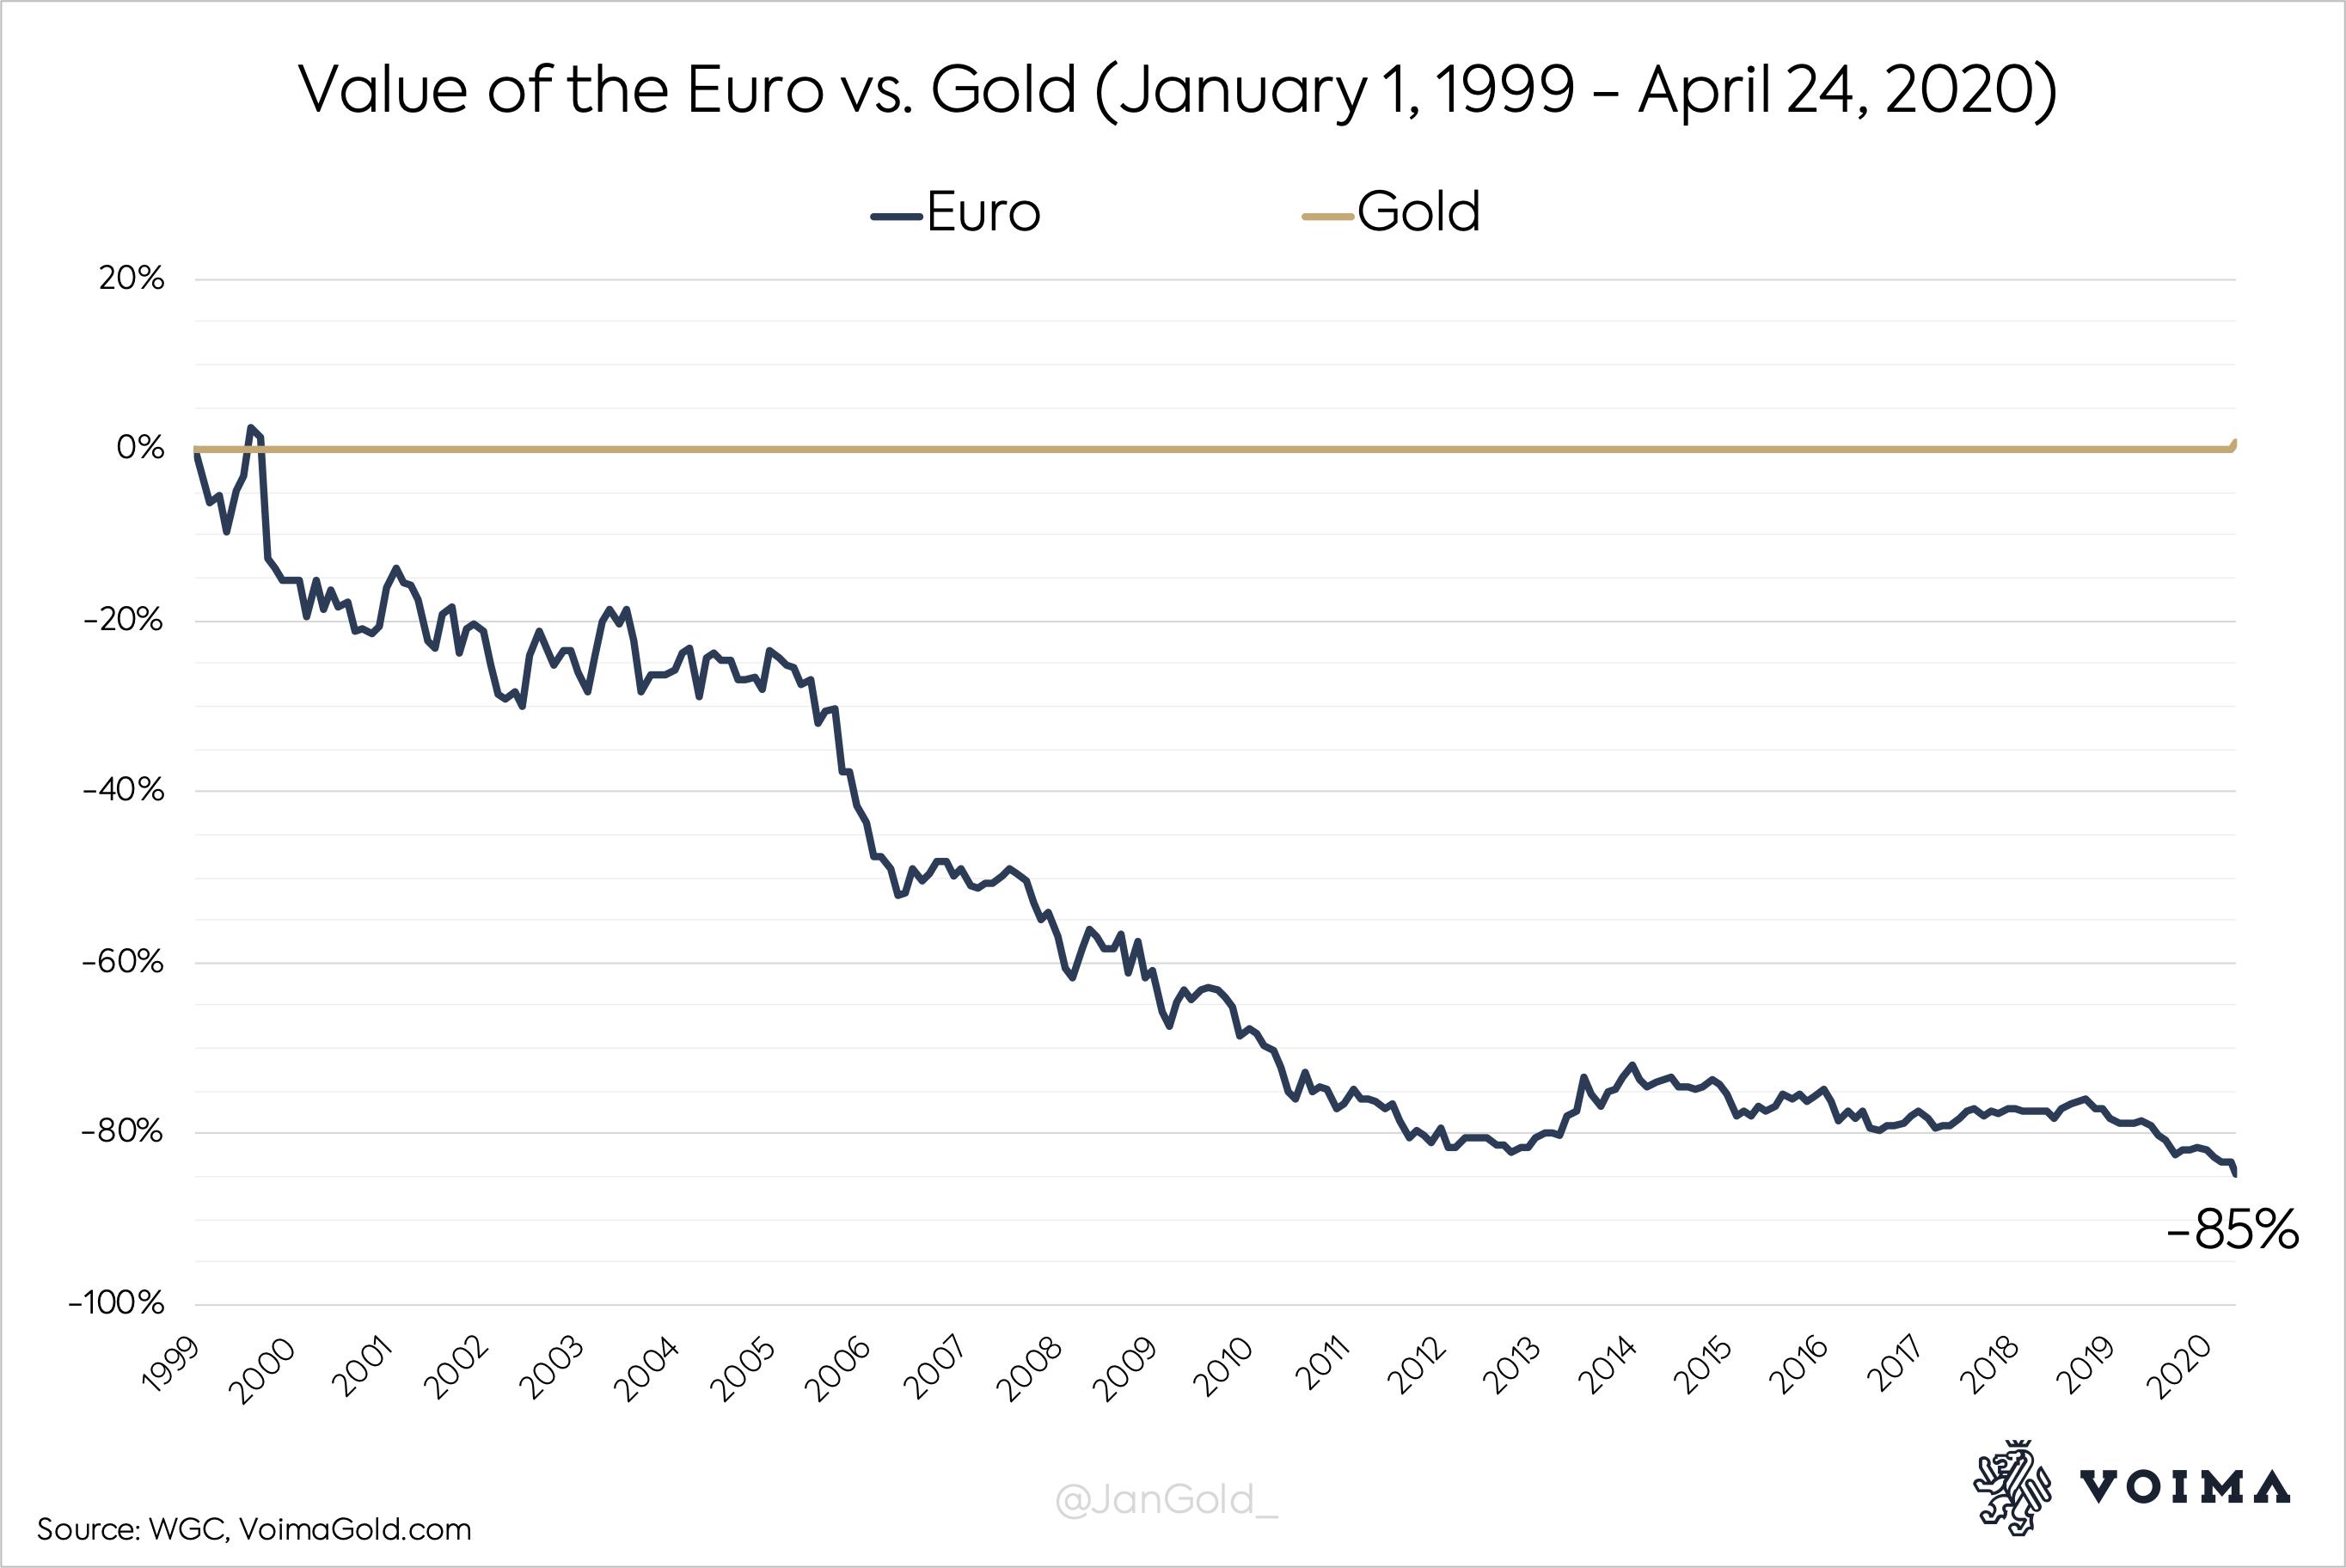 Euro väärtus kullas 1999-2020 perioodil näitab rõhtsat ja pidevat langust